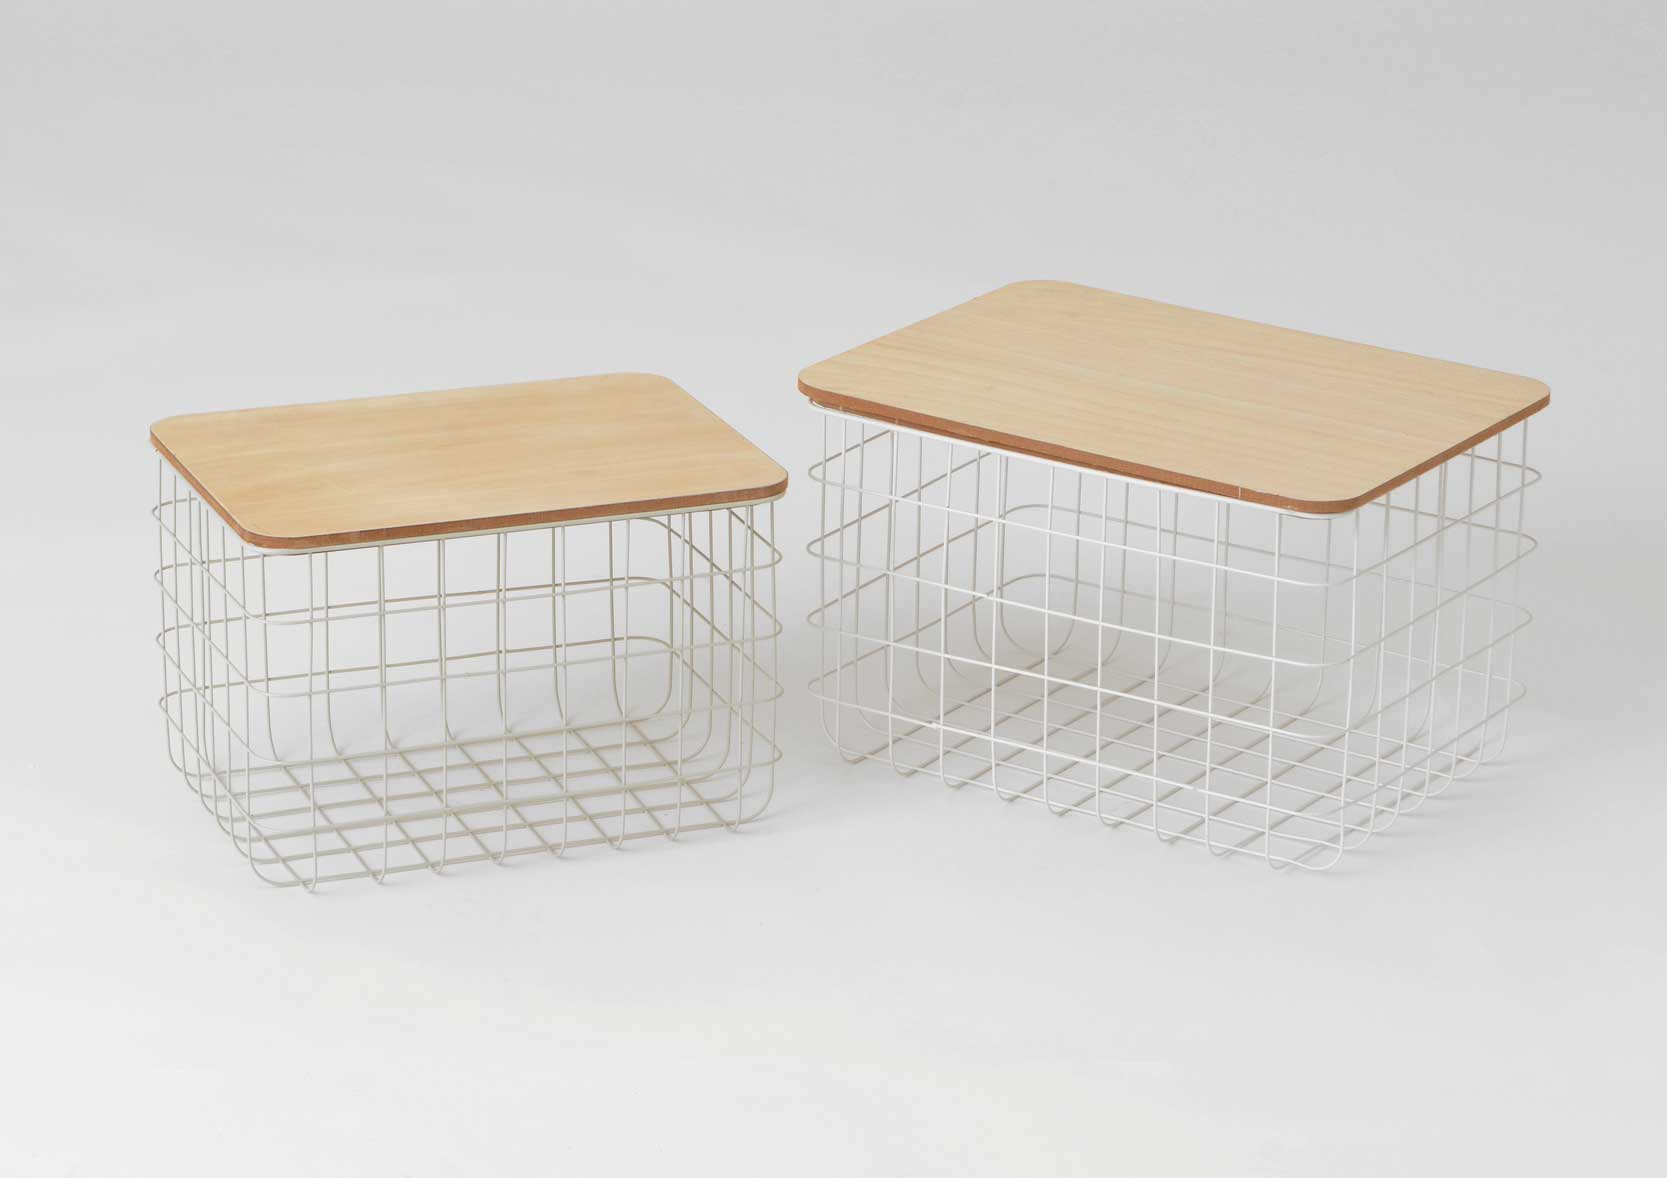 petit panier m tal et bois oslo lot de 2. Black Bedroom Furniture Sets. Home Design Ideas